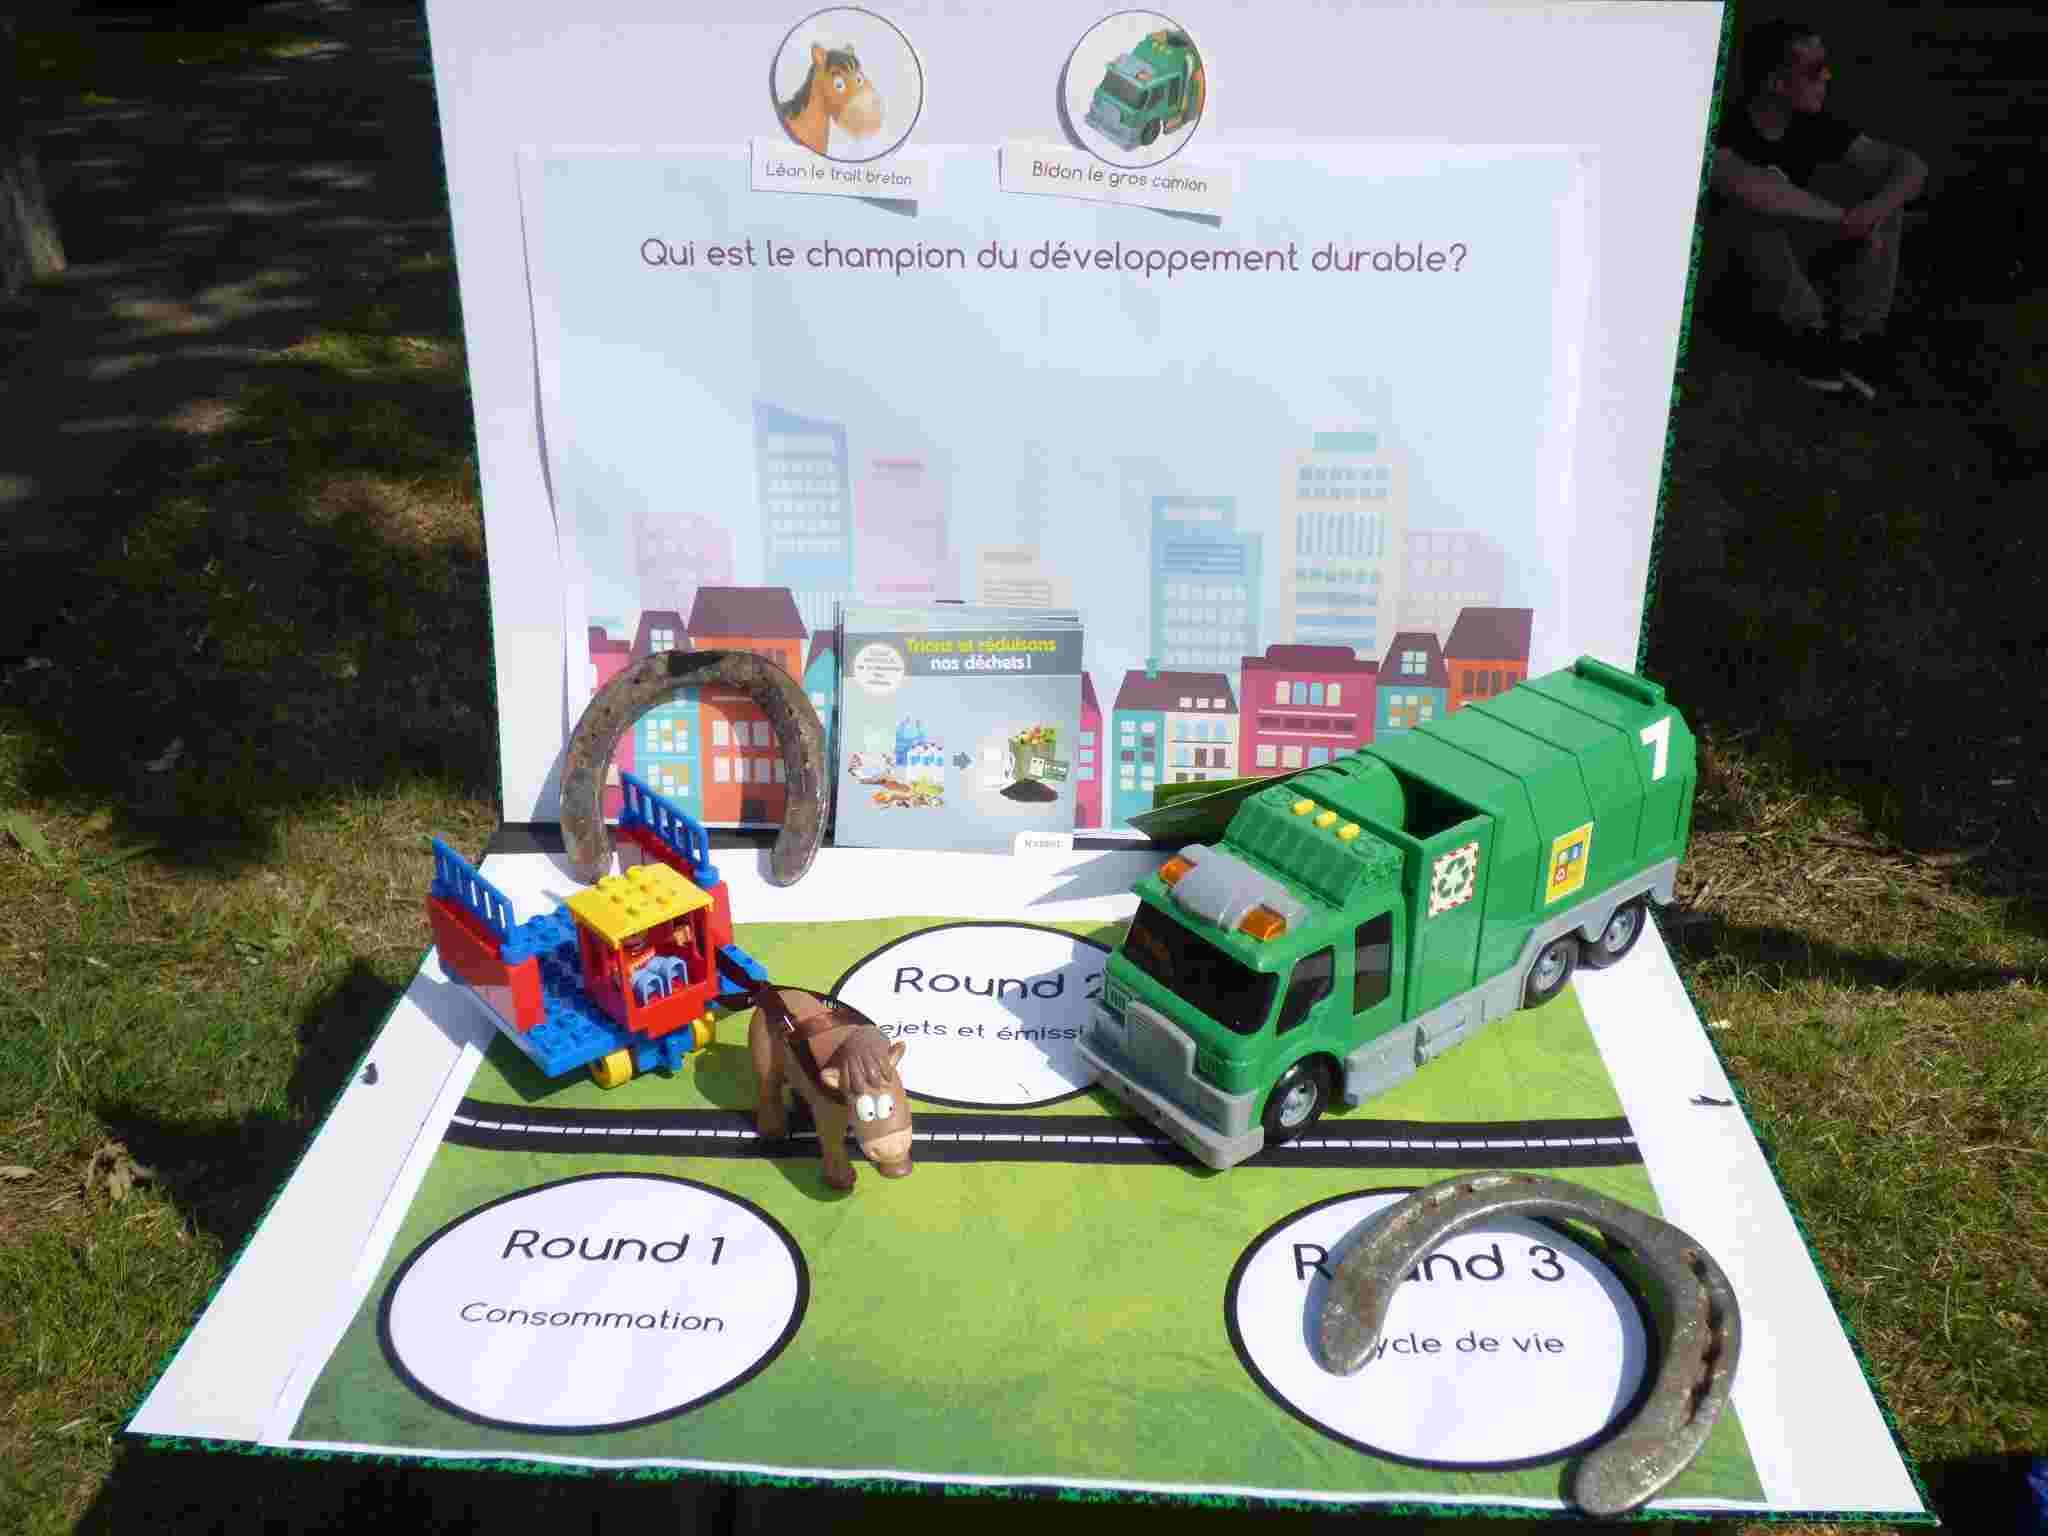 Léon le trait breton versus Bidon le gros camion. Qui est le champion du développement durable?